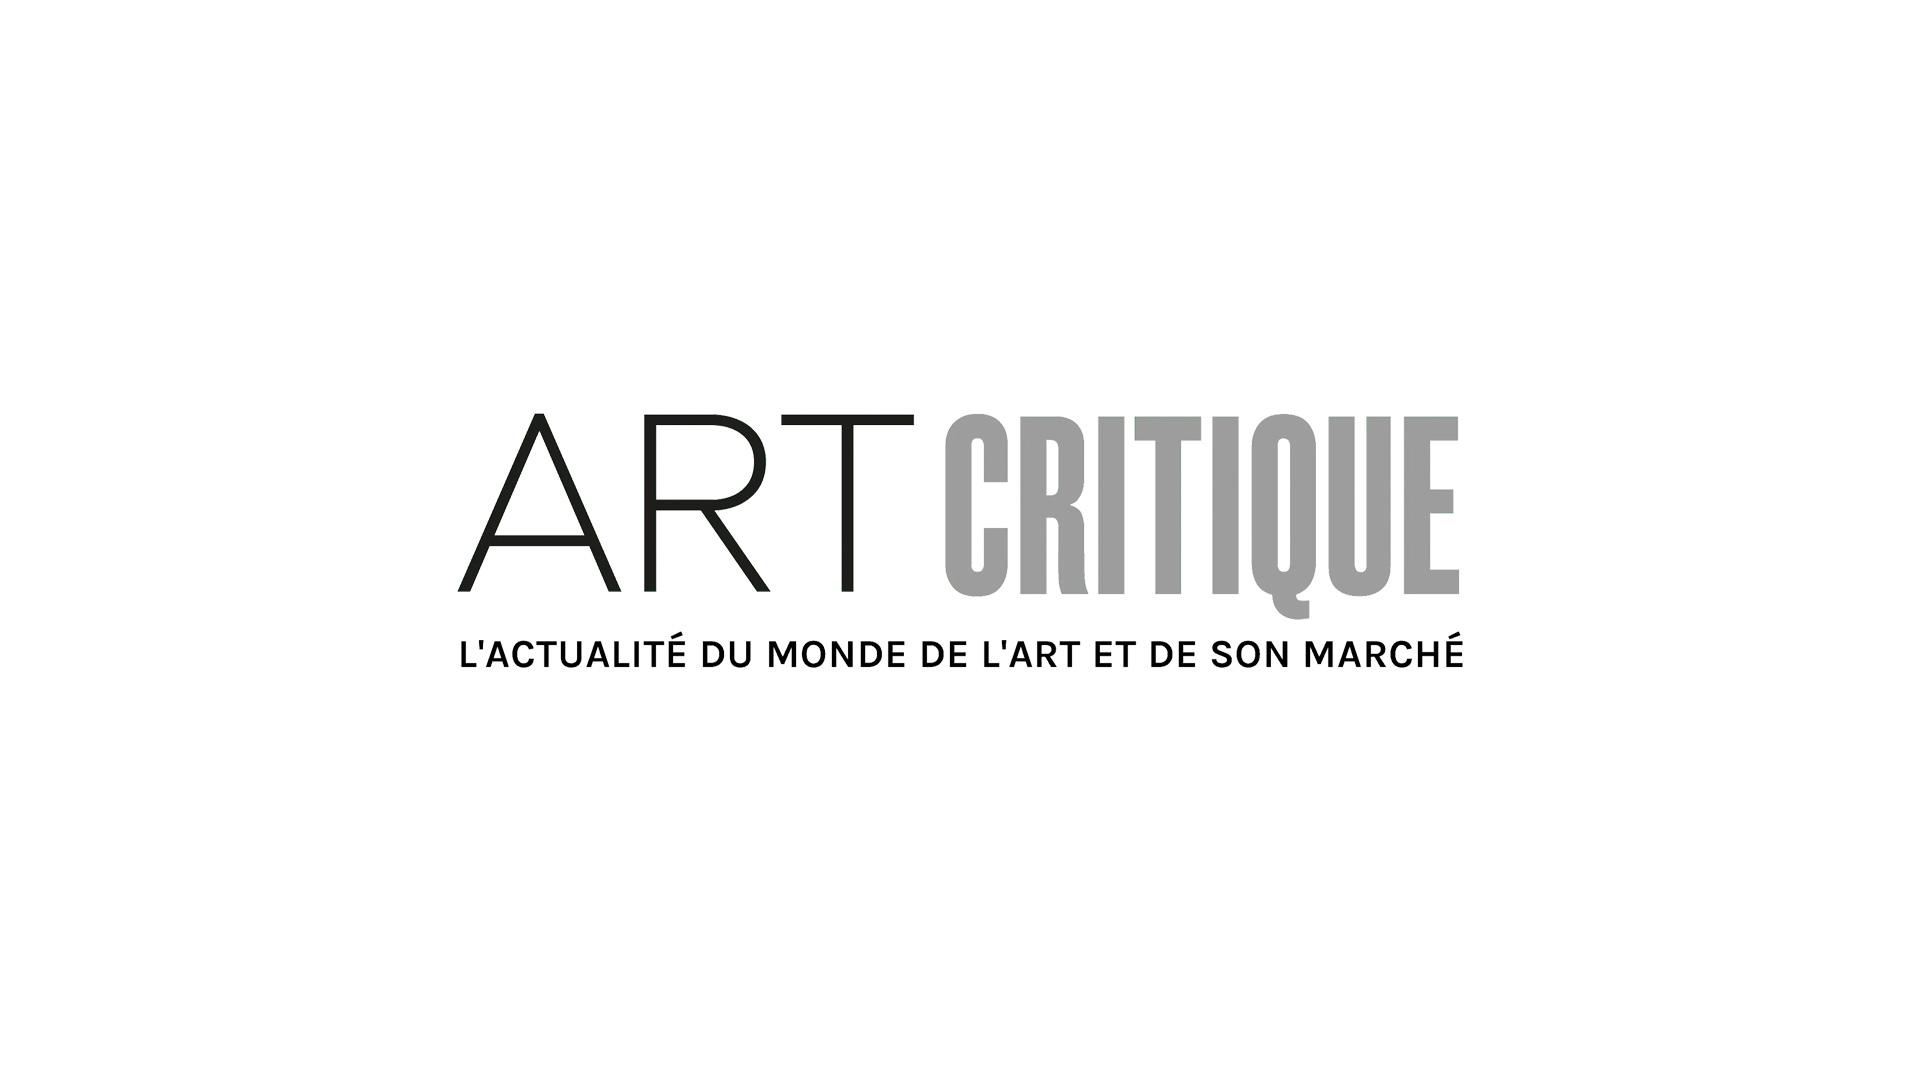 La Belle et la Bête de Cocteau sous les regards fantastiques d'artistes contemporaines